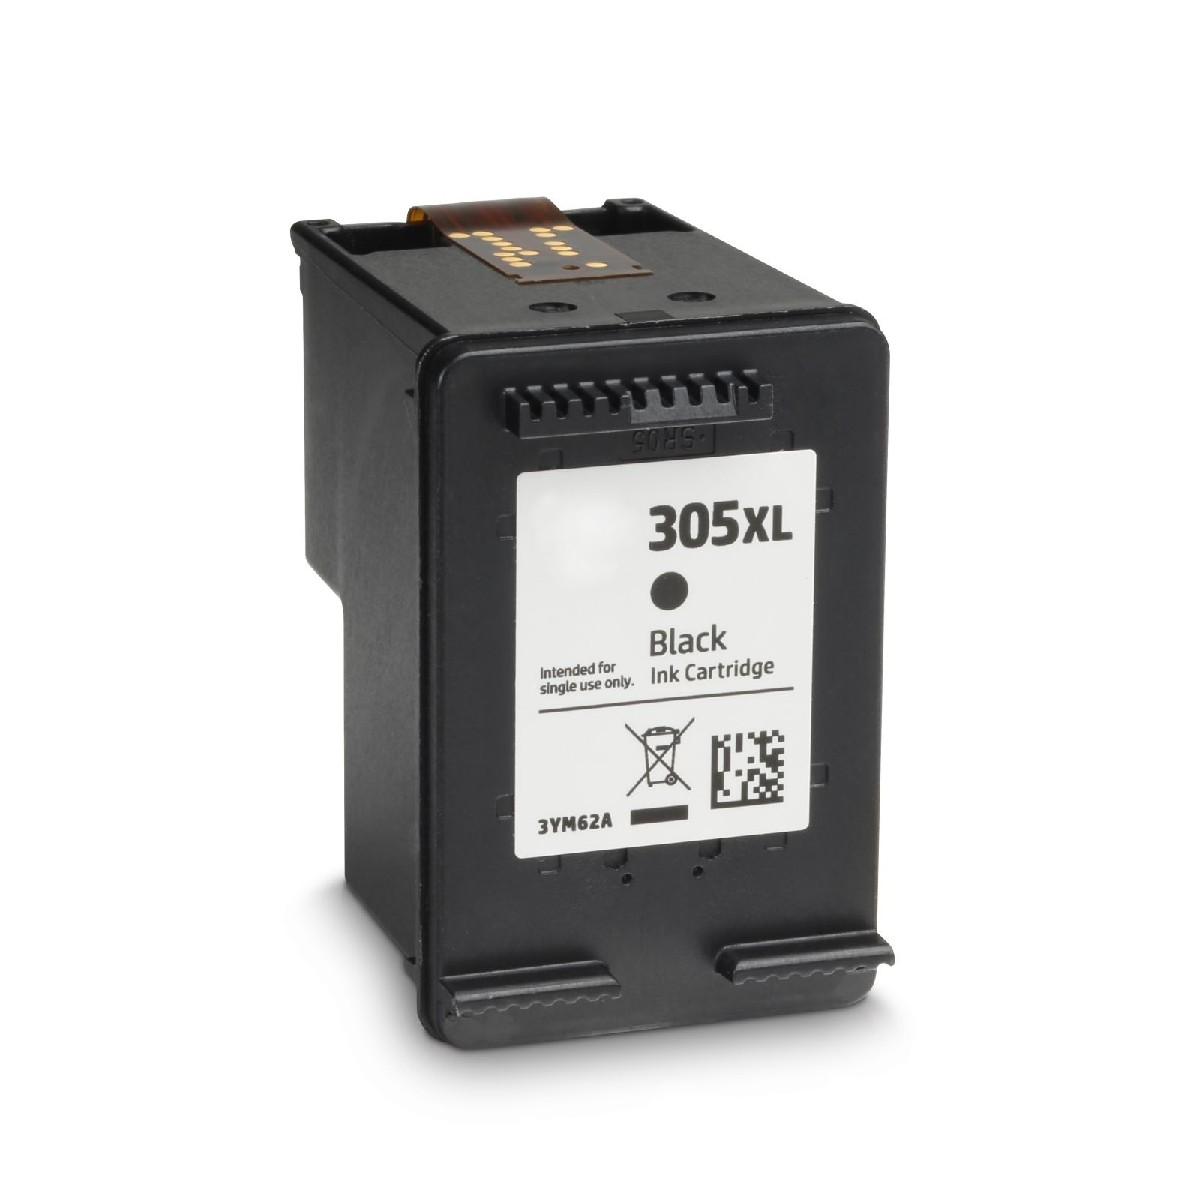 Μελάνι HP Συμβατό 305XL Σελίδες:650 Black για Deskjet, Deskjet Plus, ENVY, ENVY PRO, 2320, 2710, 2720, 2721, 2722, 2723